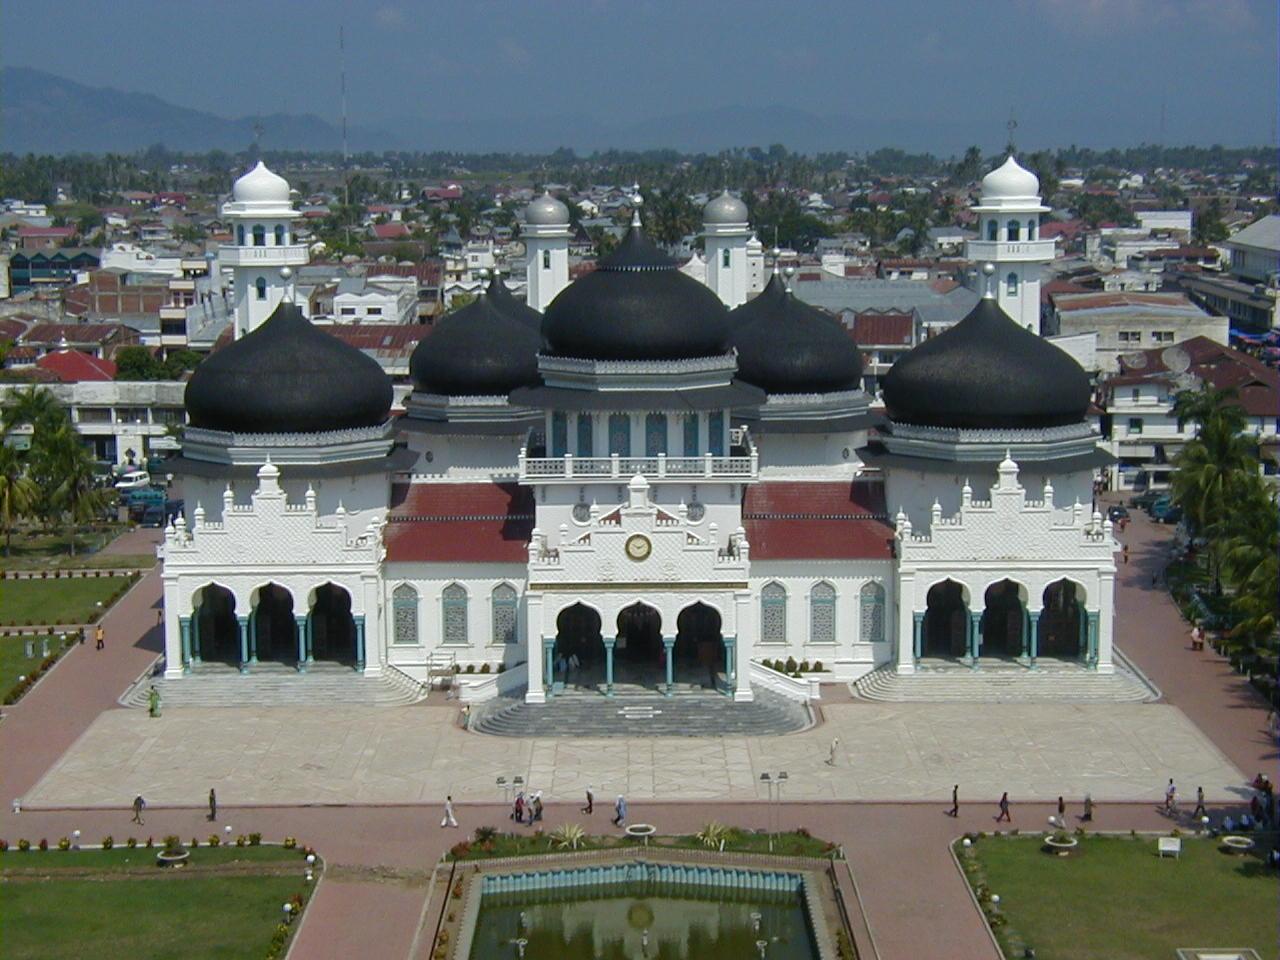 インドネシア・スマトラ島のバンダ・アチェ